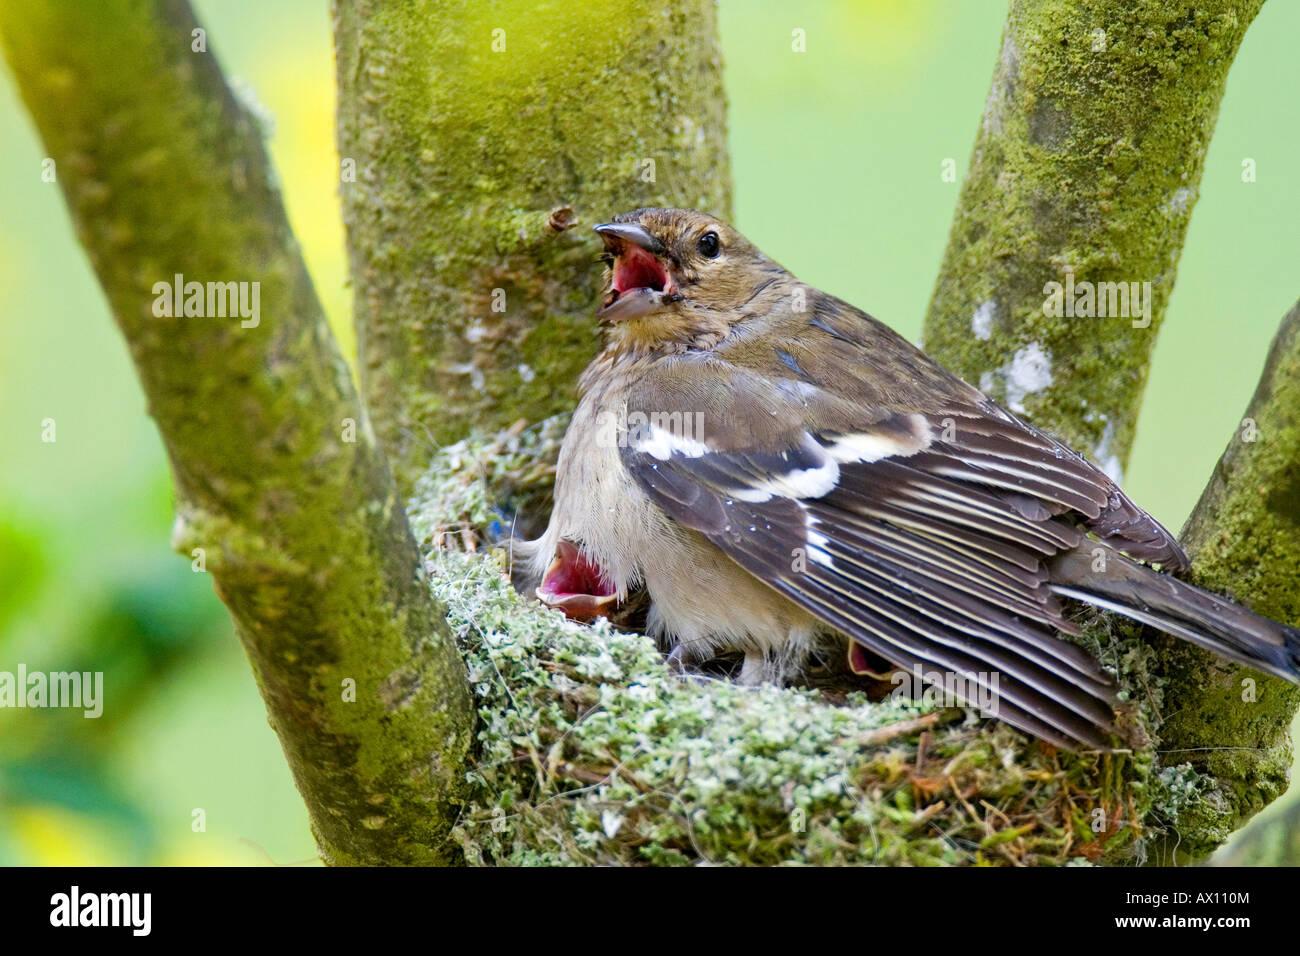 Female Chaffinch (Fringilla coelebs) sitting in nest, Gillenfeld, Vulkaneifel, Germany, Europe - Stock Image